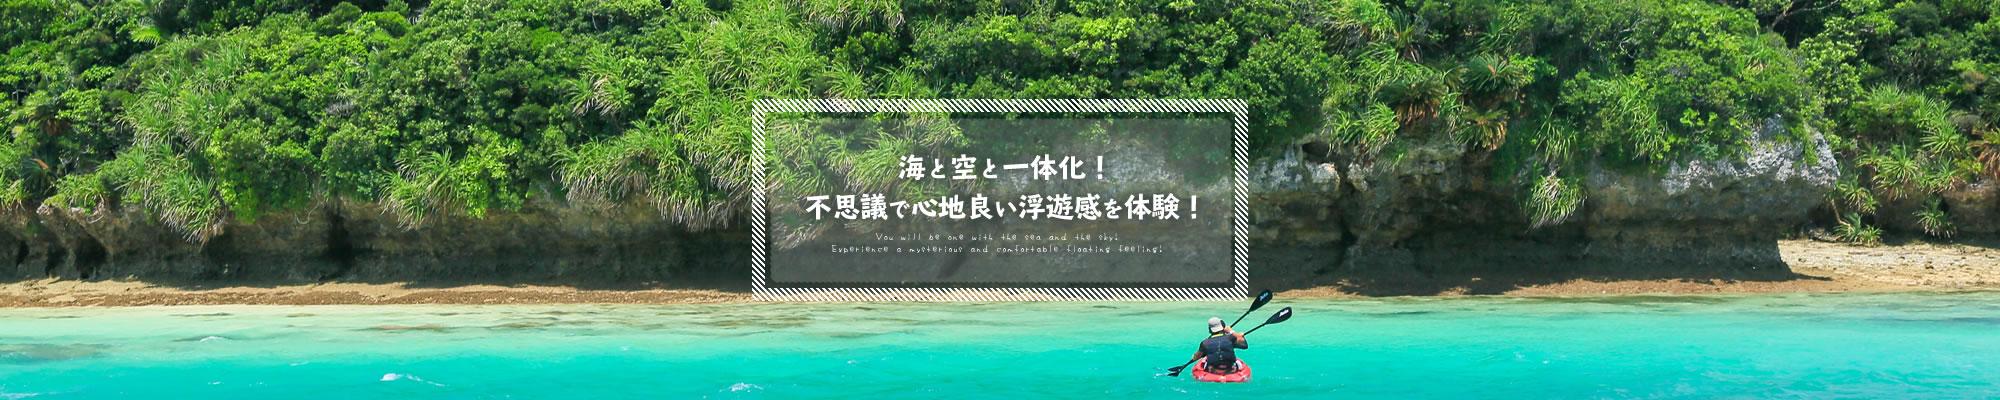 石垣島・川平湾カヌーレンタル